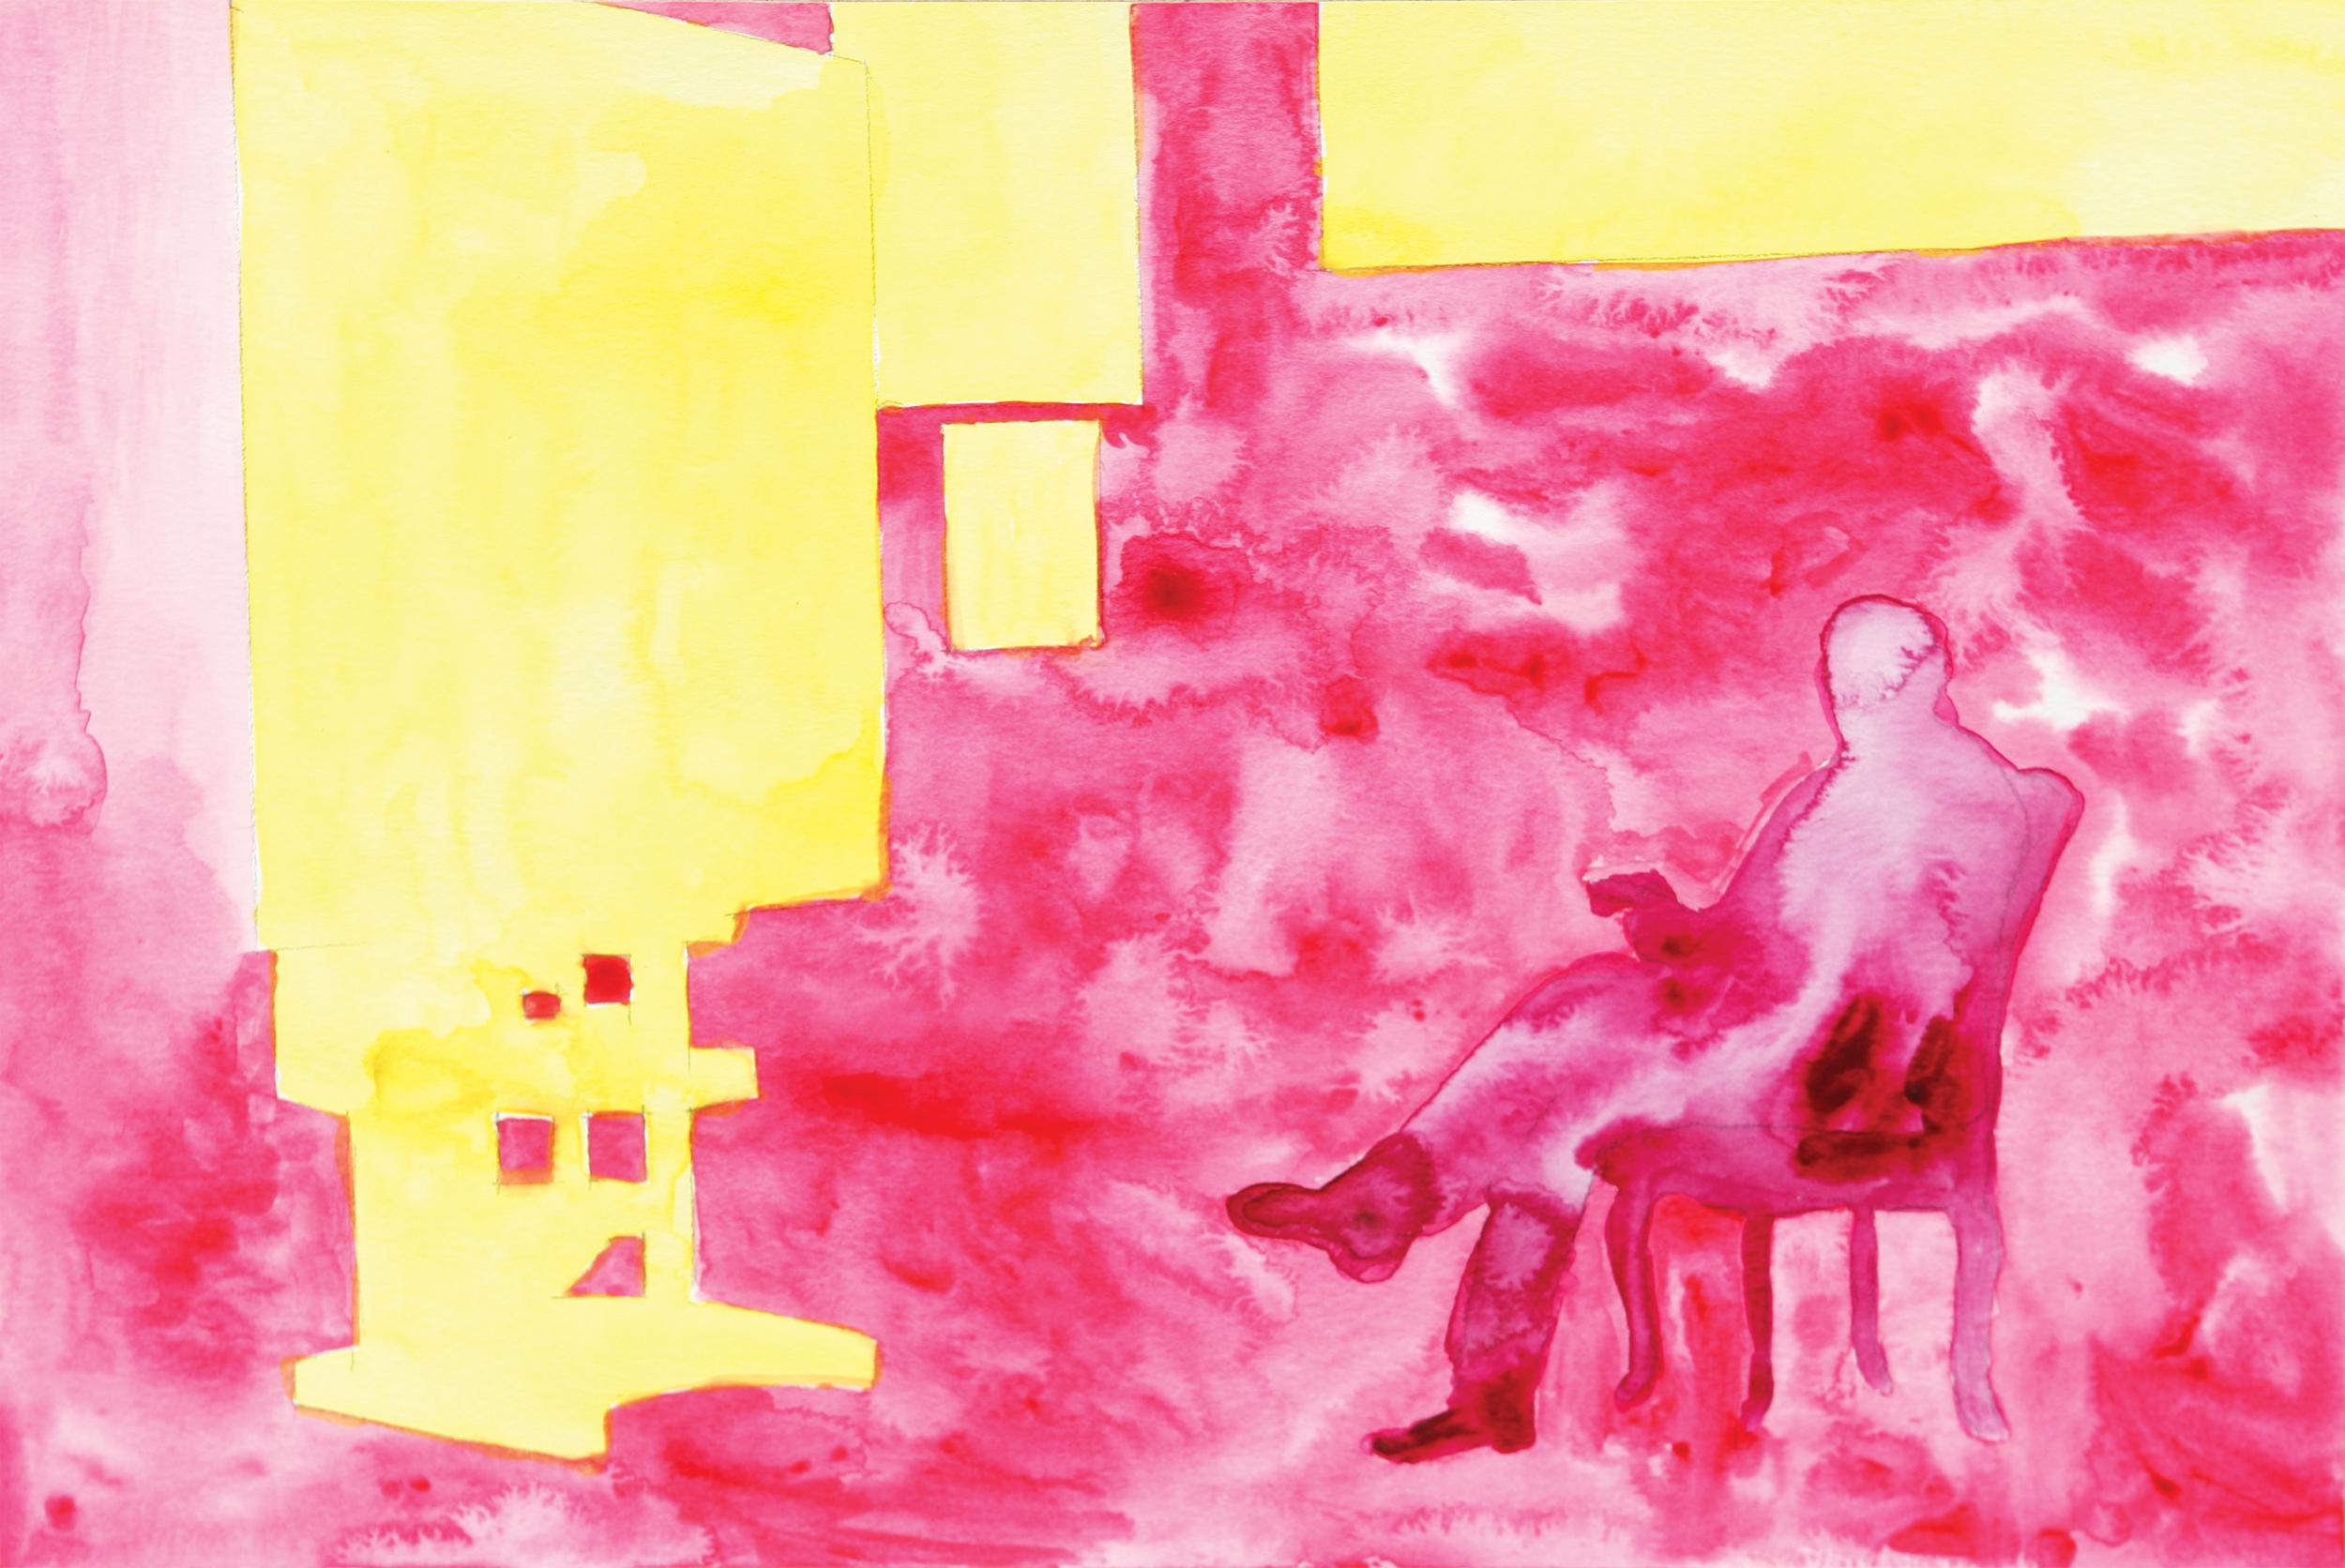 Manfred_Naescher_Das_Atelier_von_Max_Liebermann_1847-1935---Watercolor_on_Fabriano_Paper_mounted_on_MDF_20x30cm_2015_from_the_series_Entschwundene_Dinge_2015.jpg